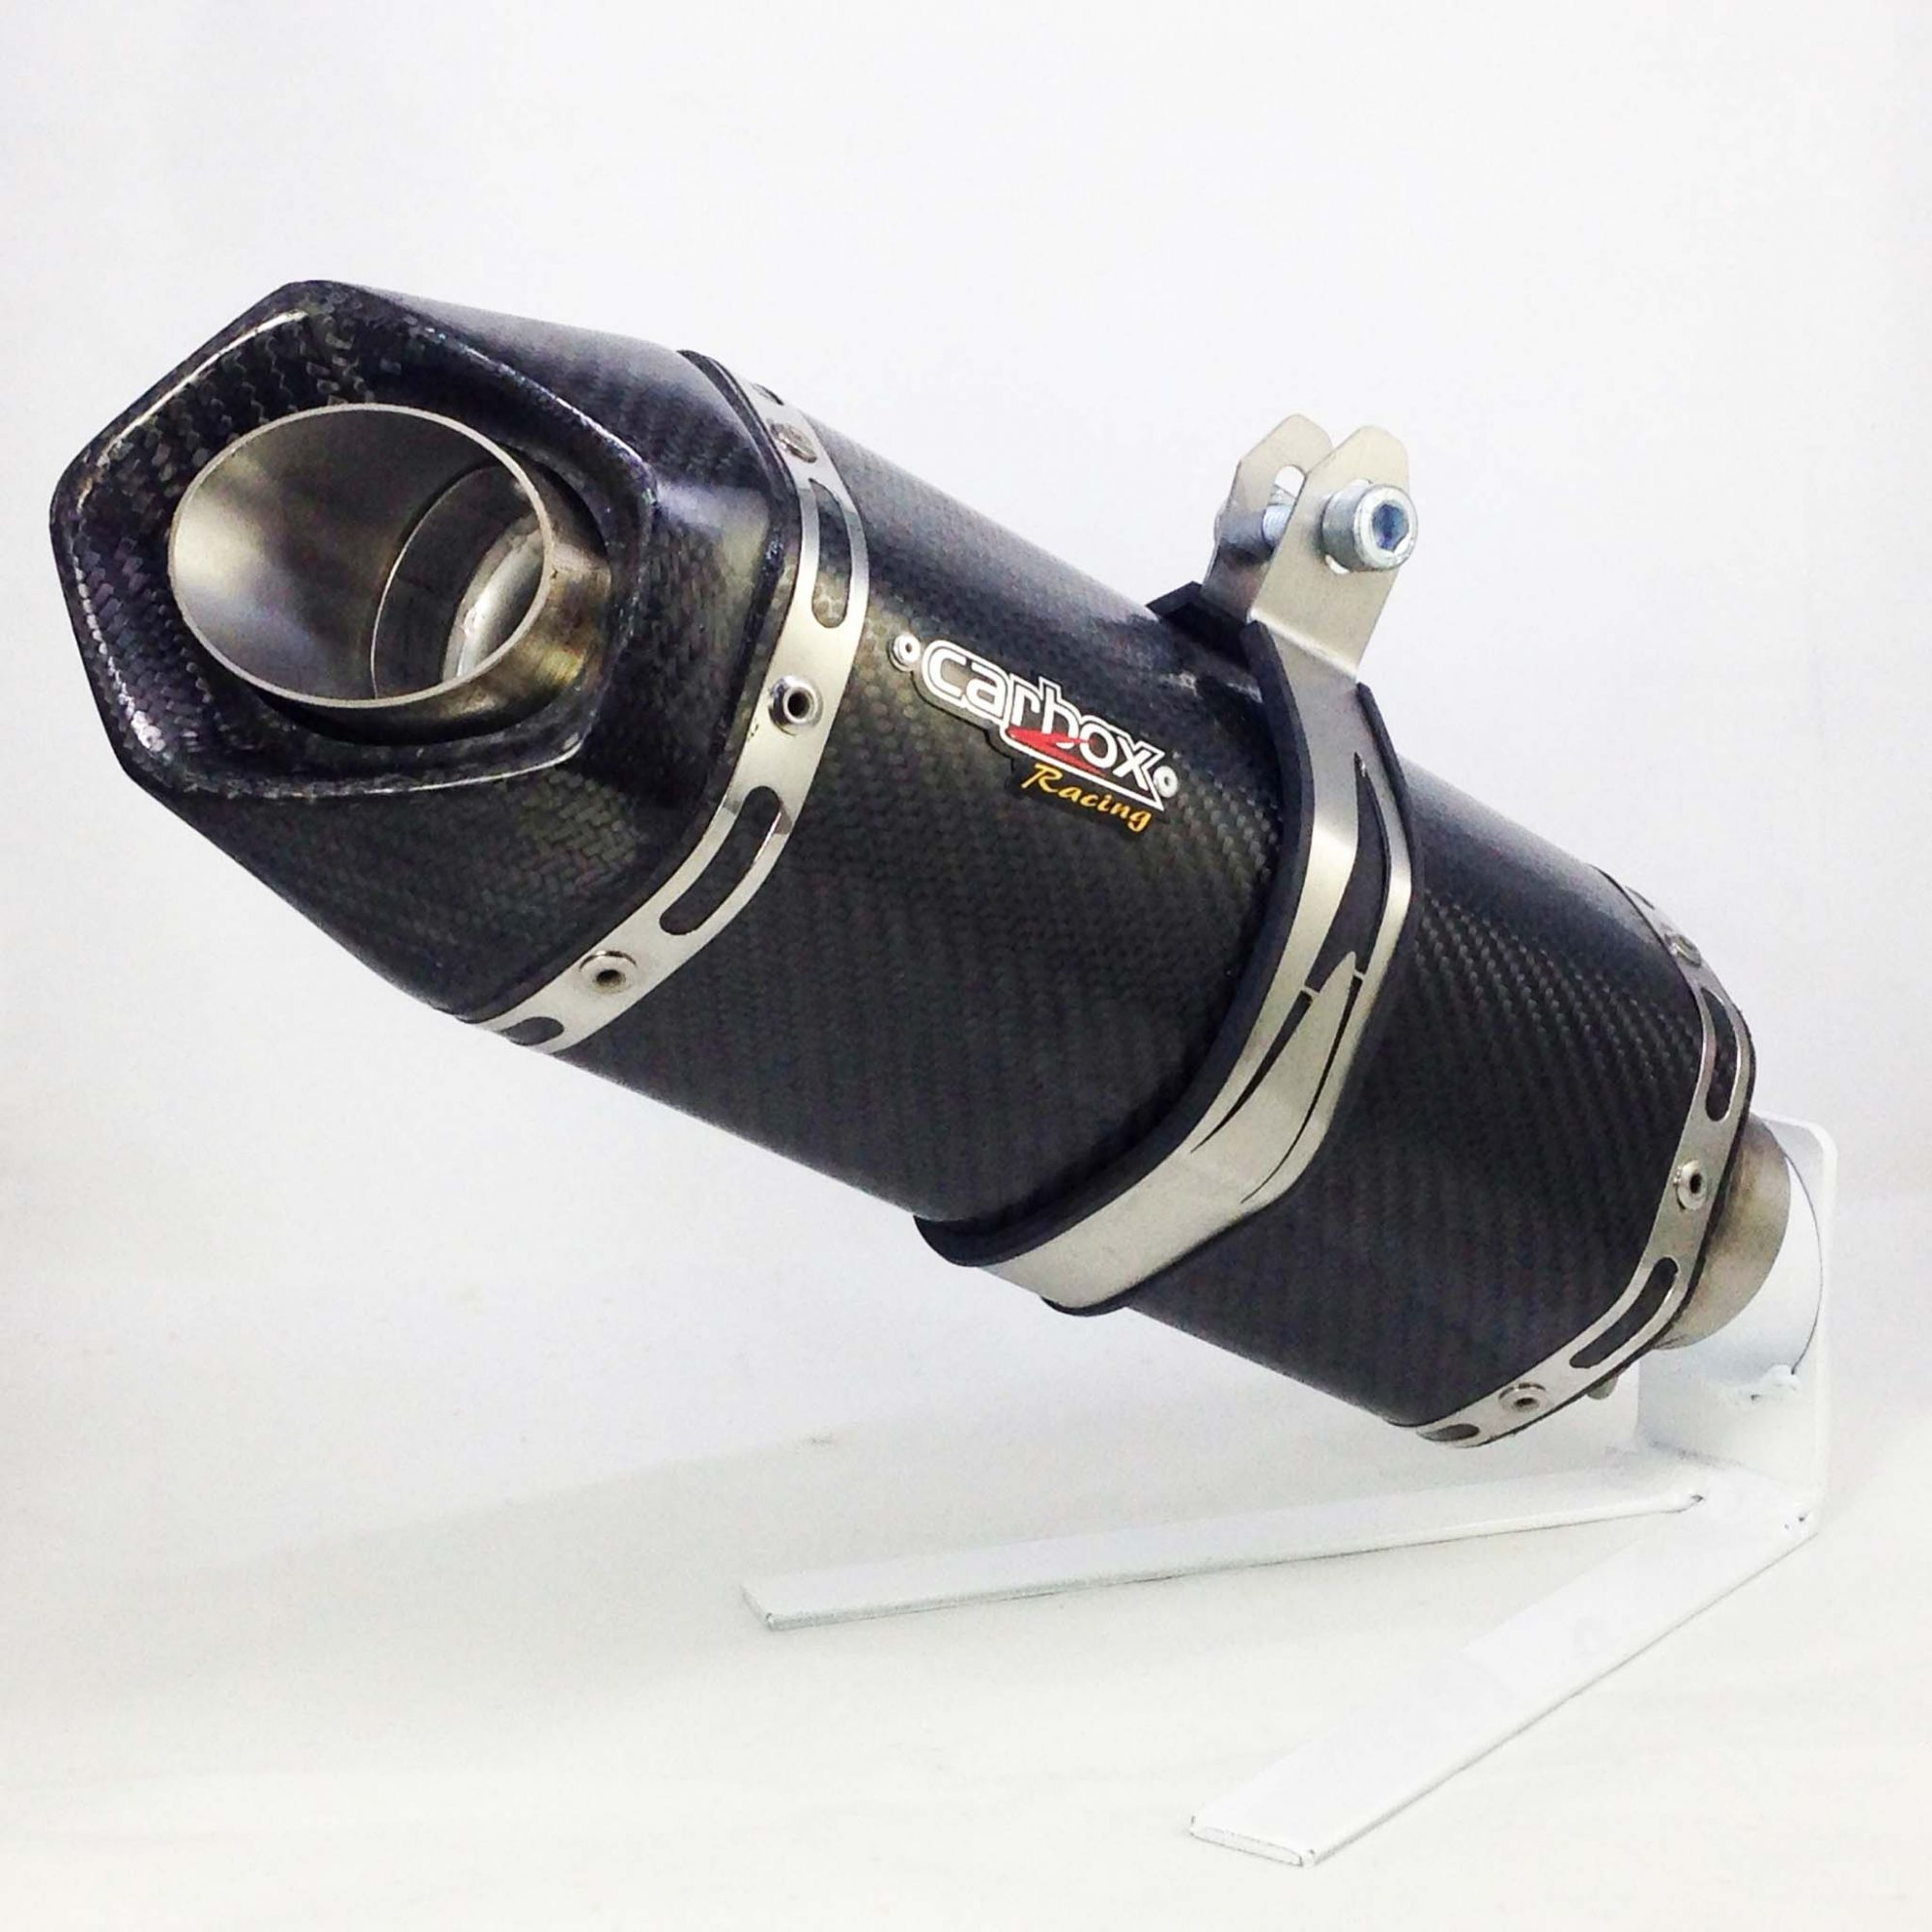 Ponteira Escape Full 4x2x1 Shark S920 Carbon- Bmw S1000rr